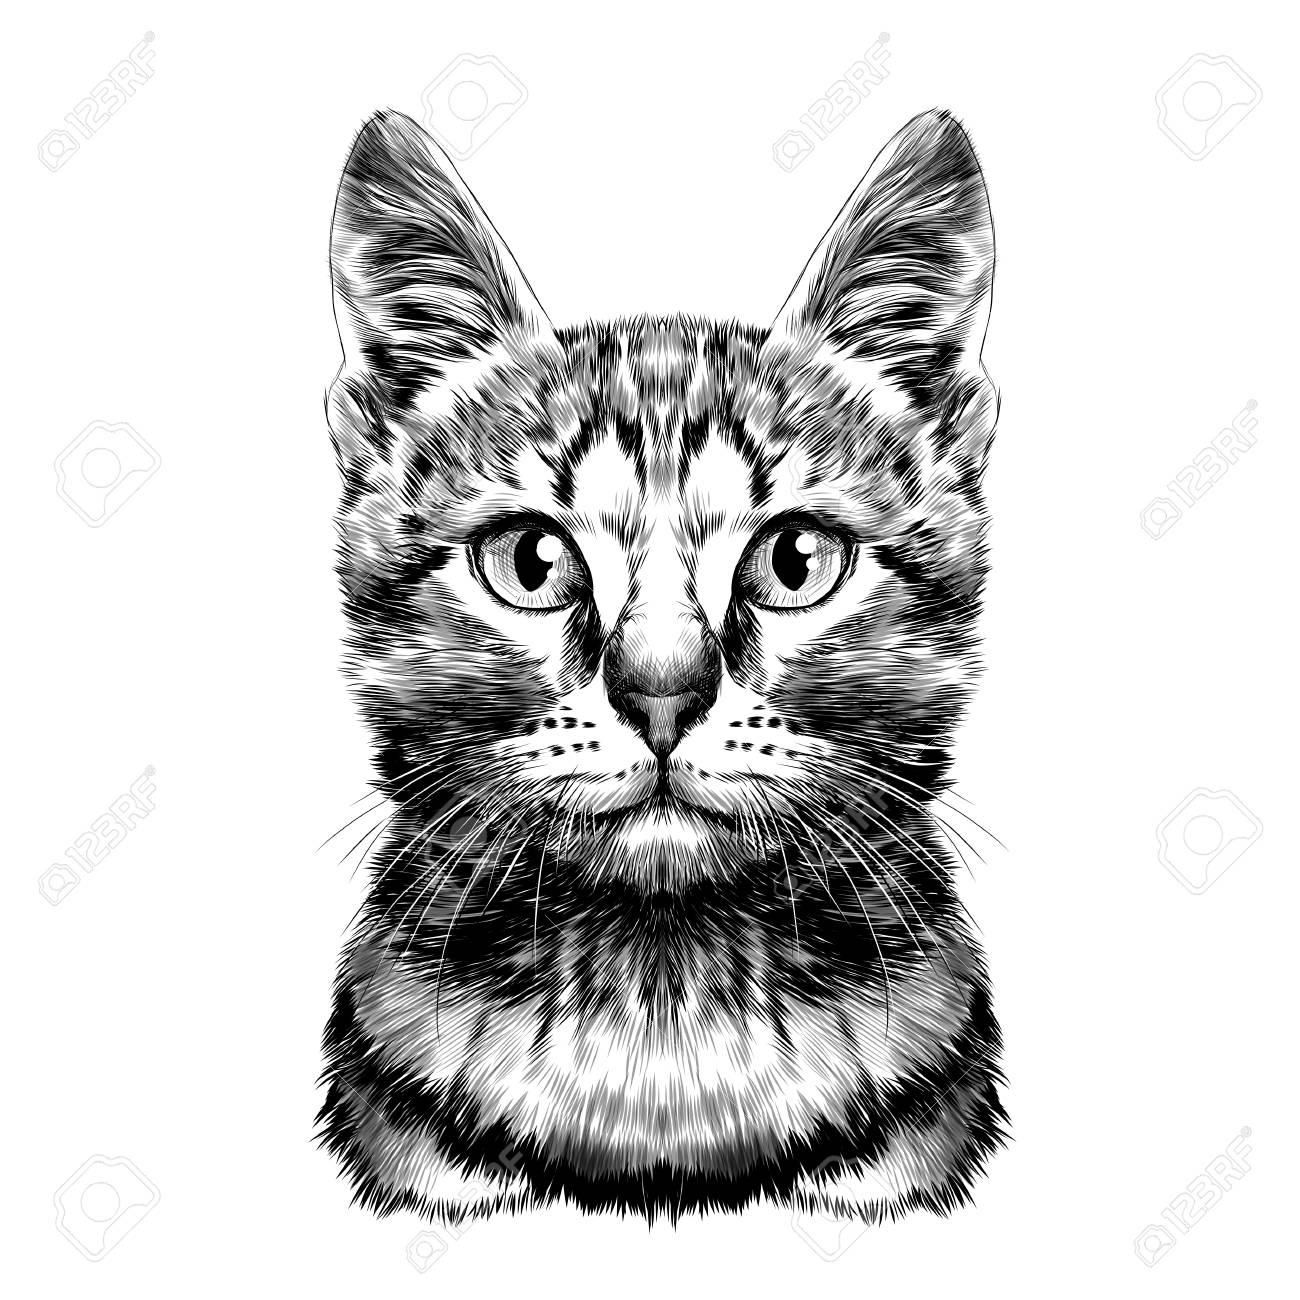 猫発見ストライプ ヘッド対称スケッチ ベクトル グラフィック白黒図面のイラスト素材 ベクタ Image